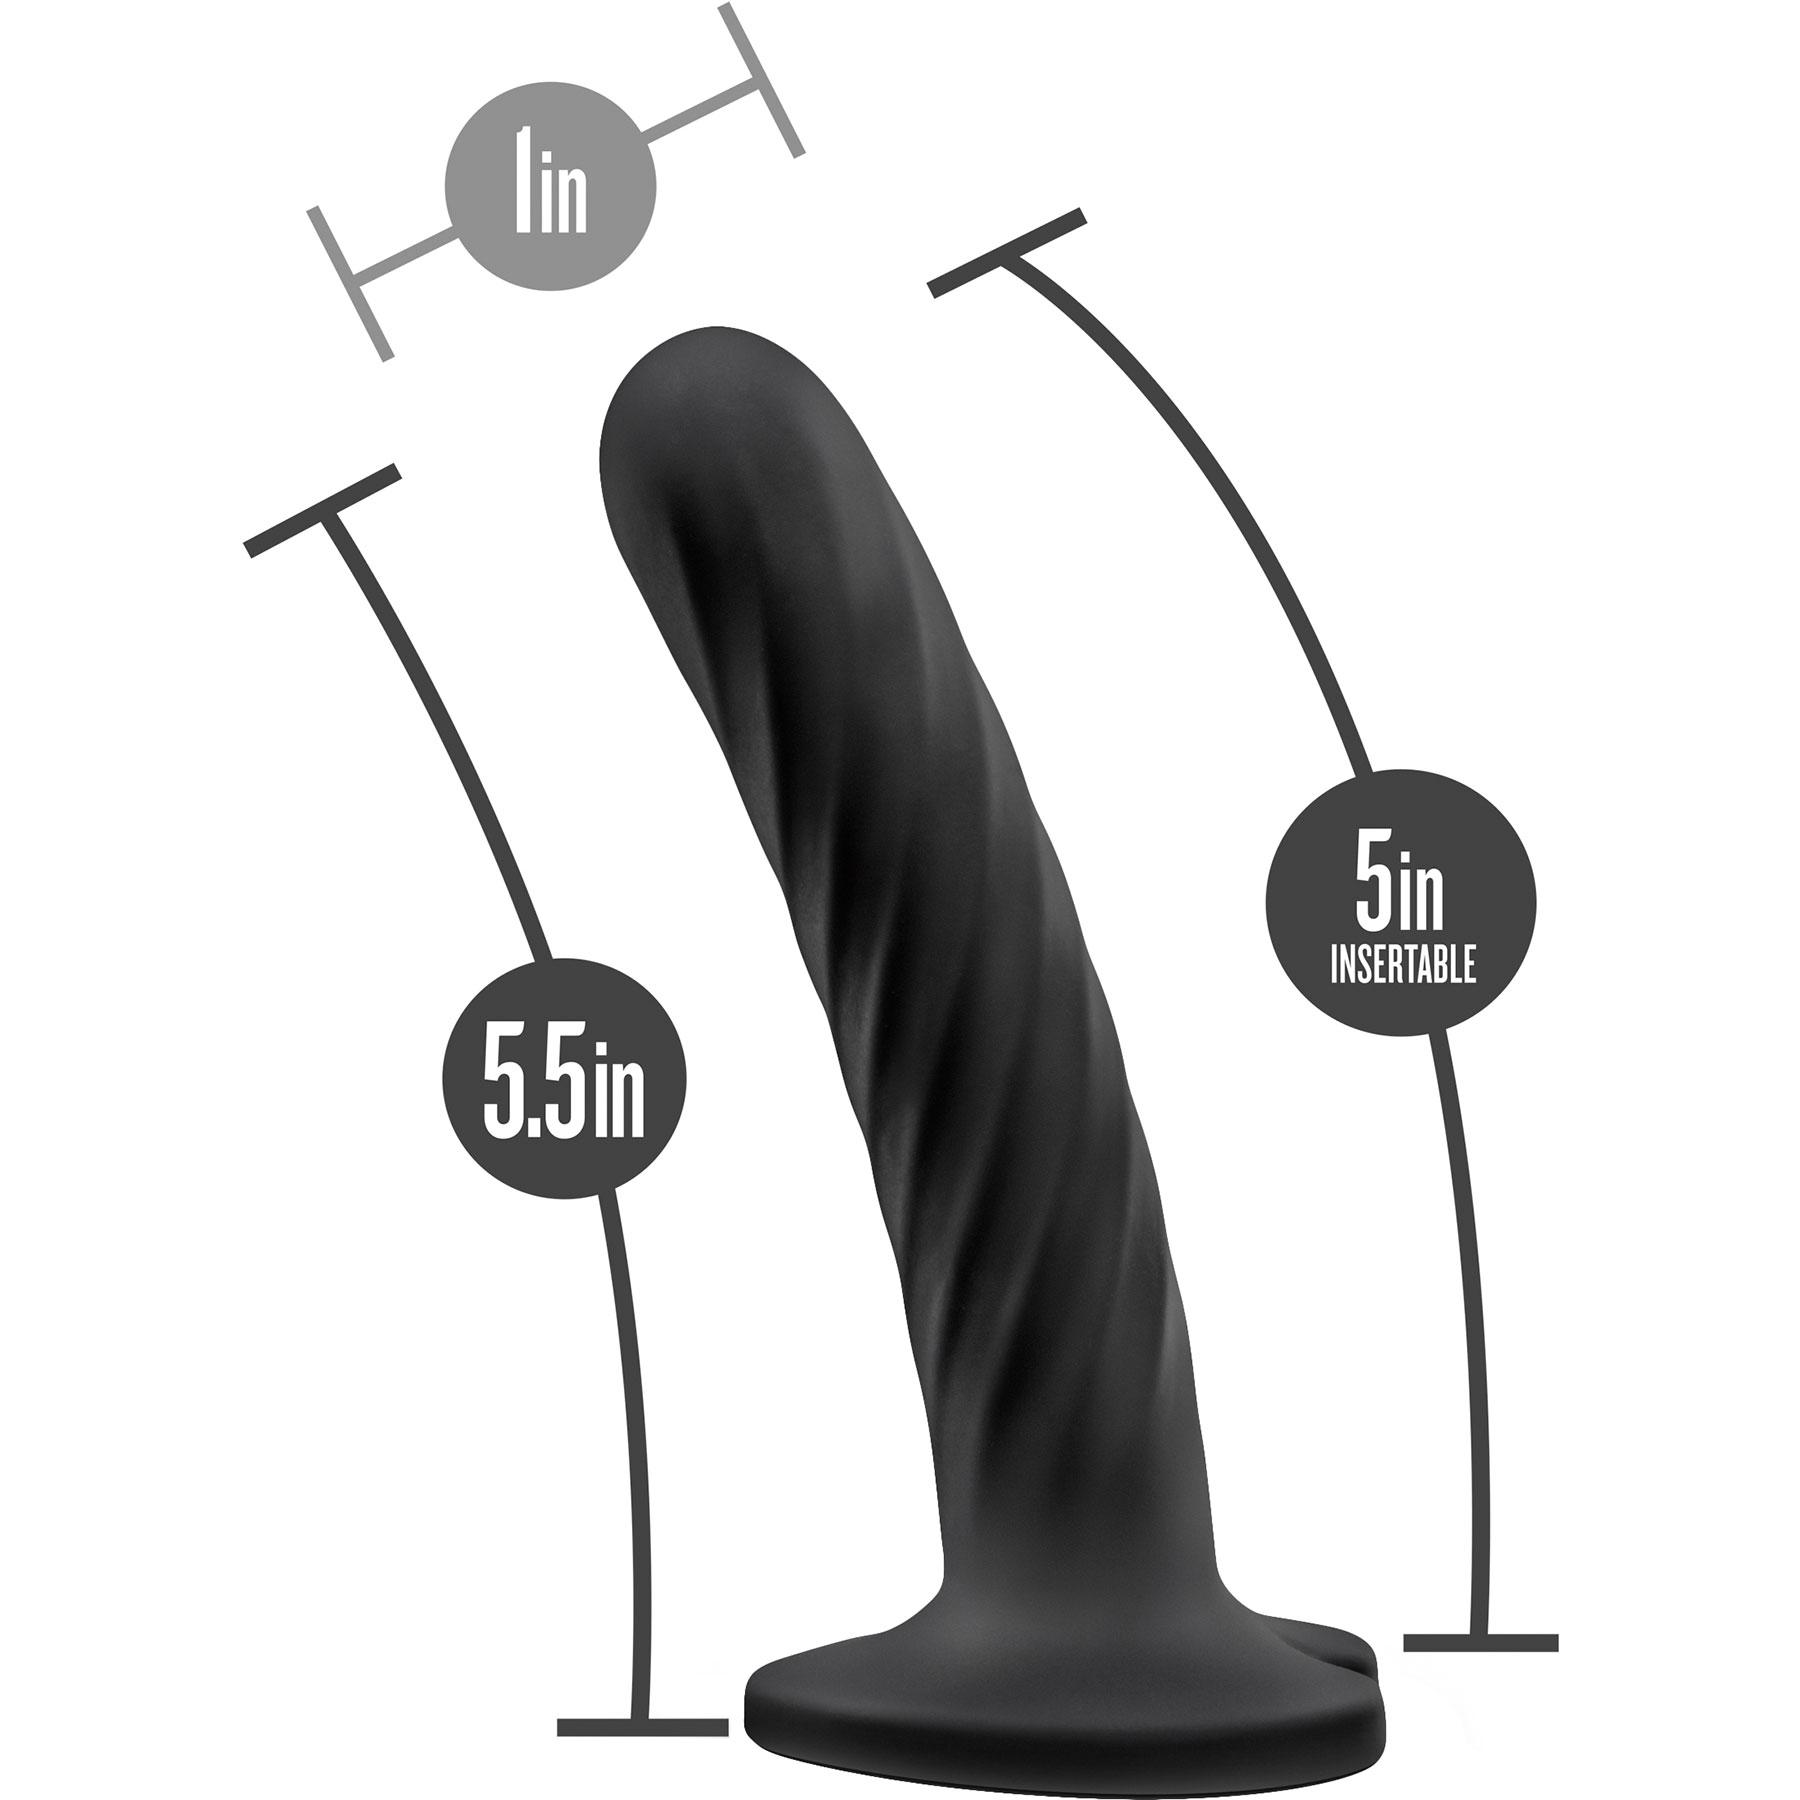 Temptasia Twist Silicone Dildo By Blush Medium - Measurement